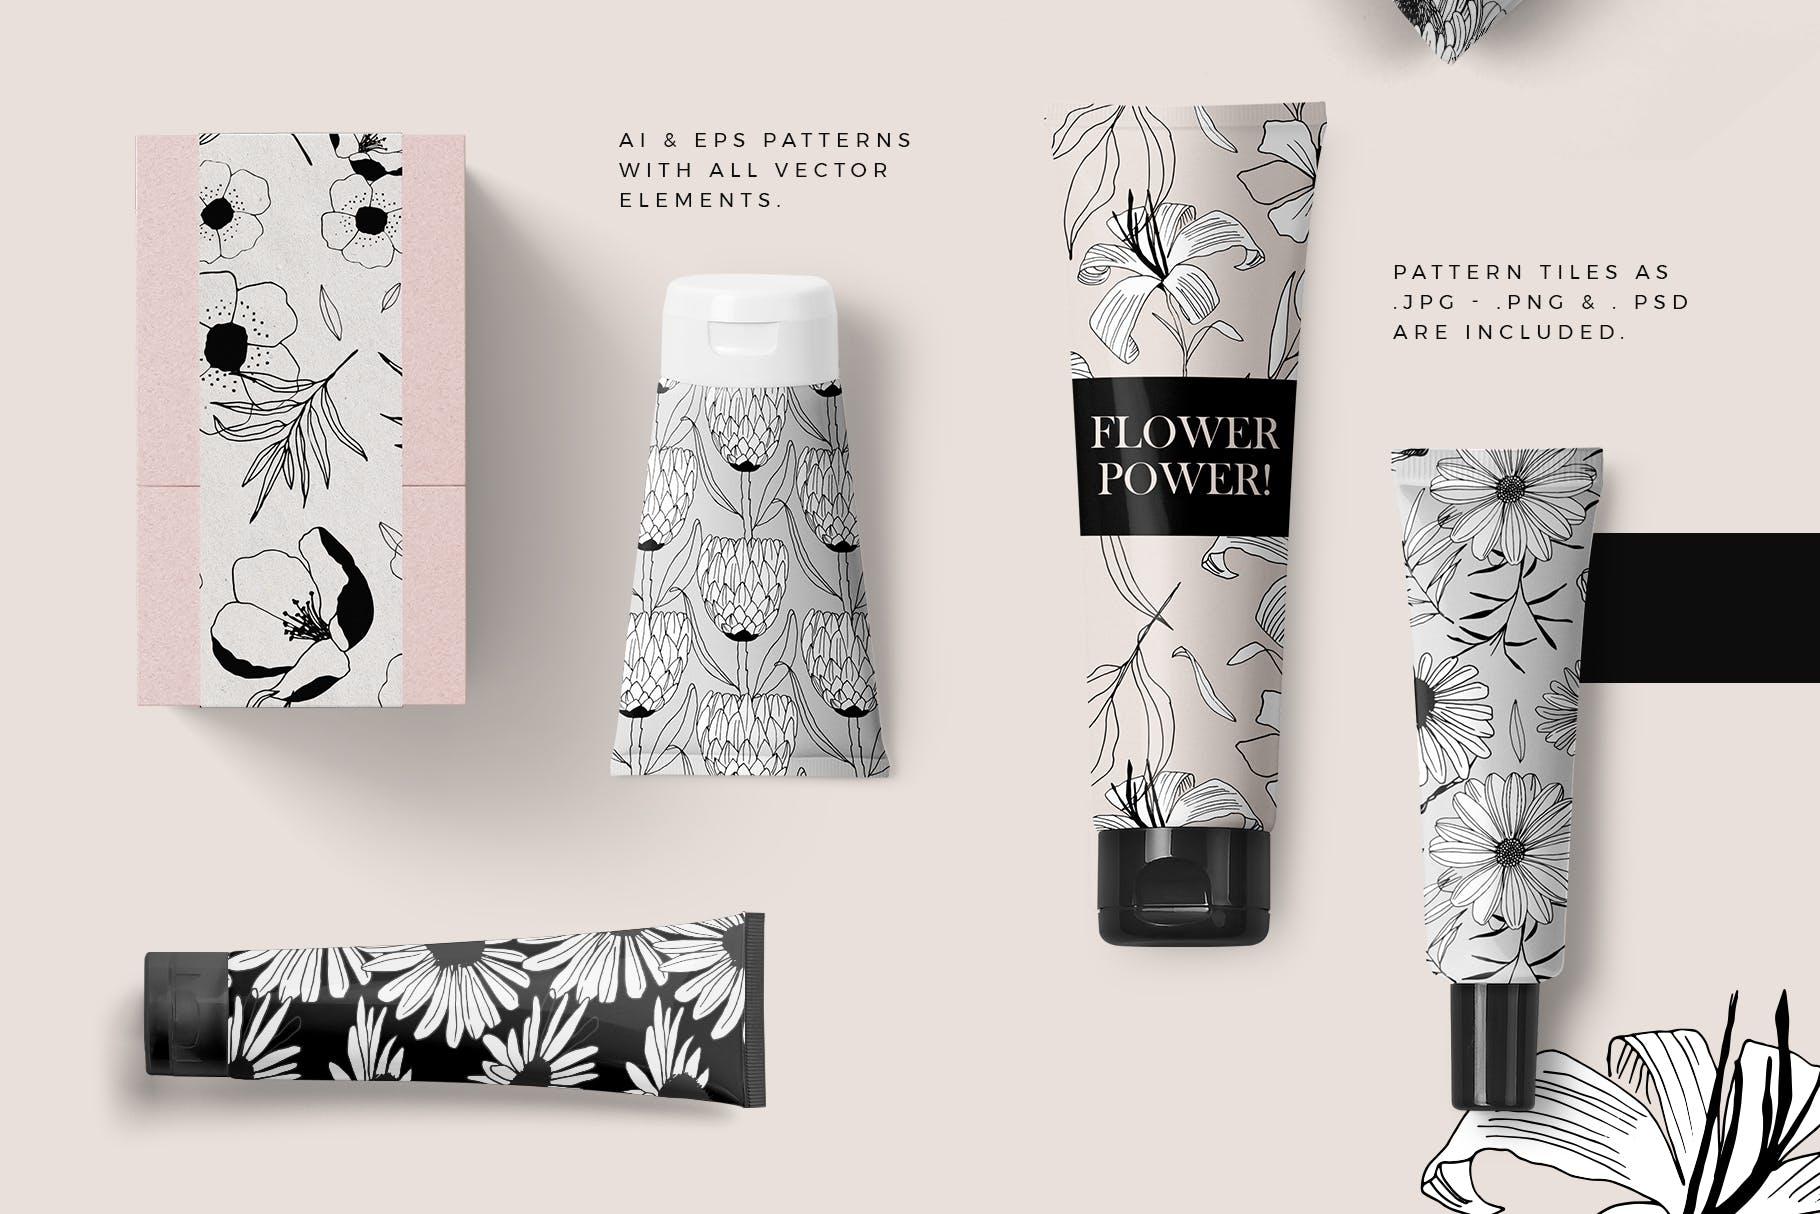 图形花卉图案装饰性元素图案花纹素材下载Graphic Flowers Patterns Elements插图(1)